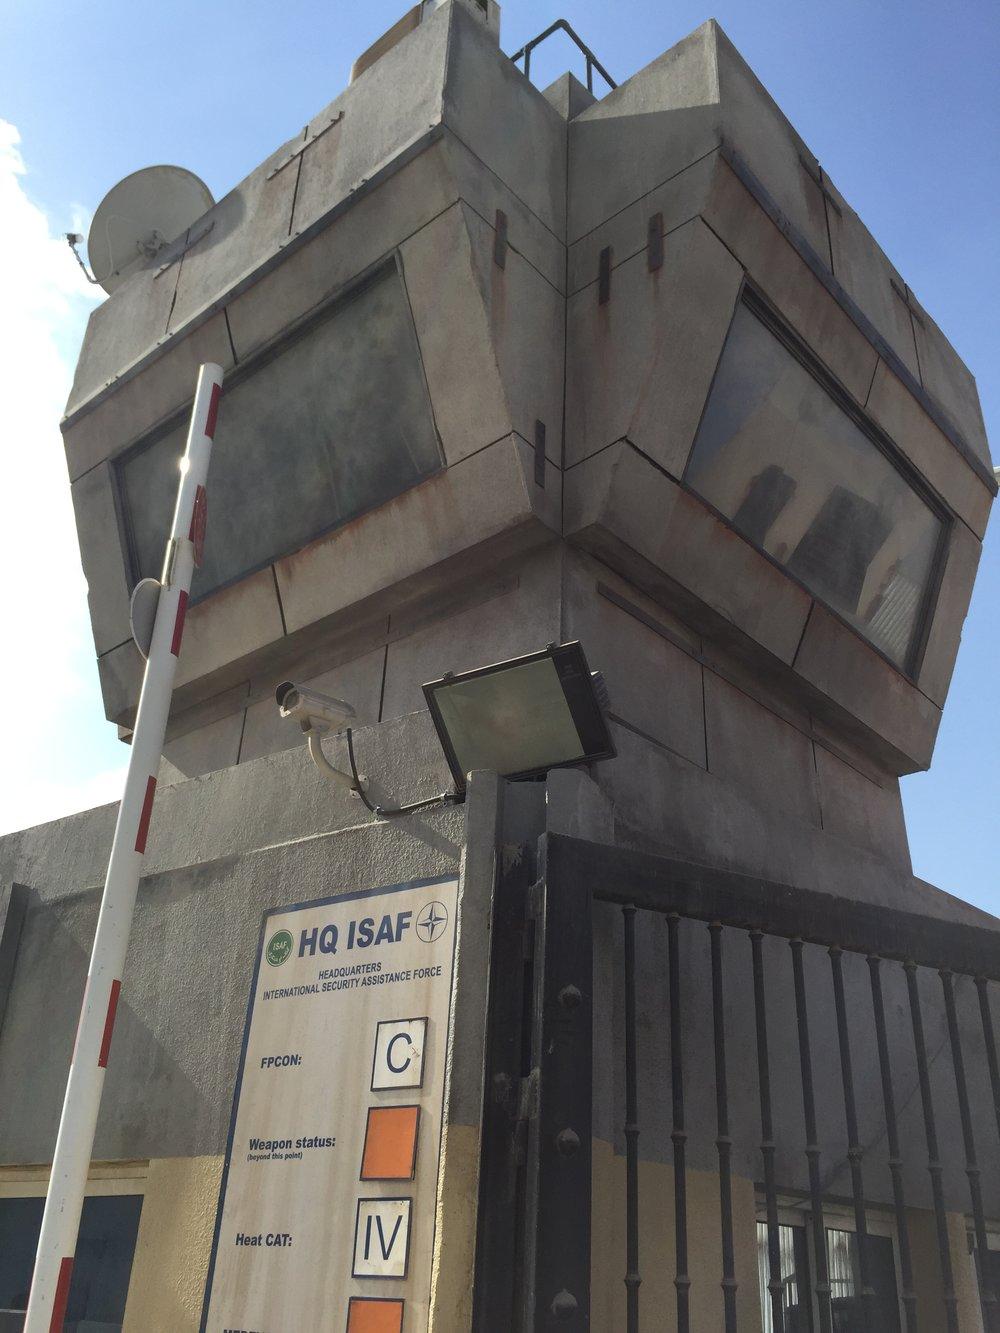 CRAFTWORK PROJECTS - WAR MACHINE 8 WATCH TOWER BUILDjpg.jpg